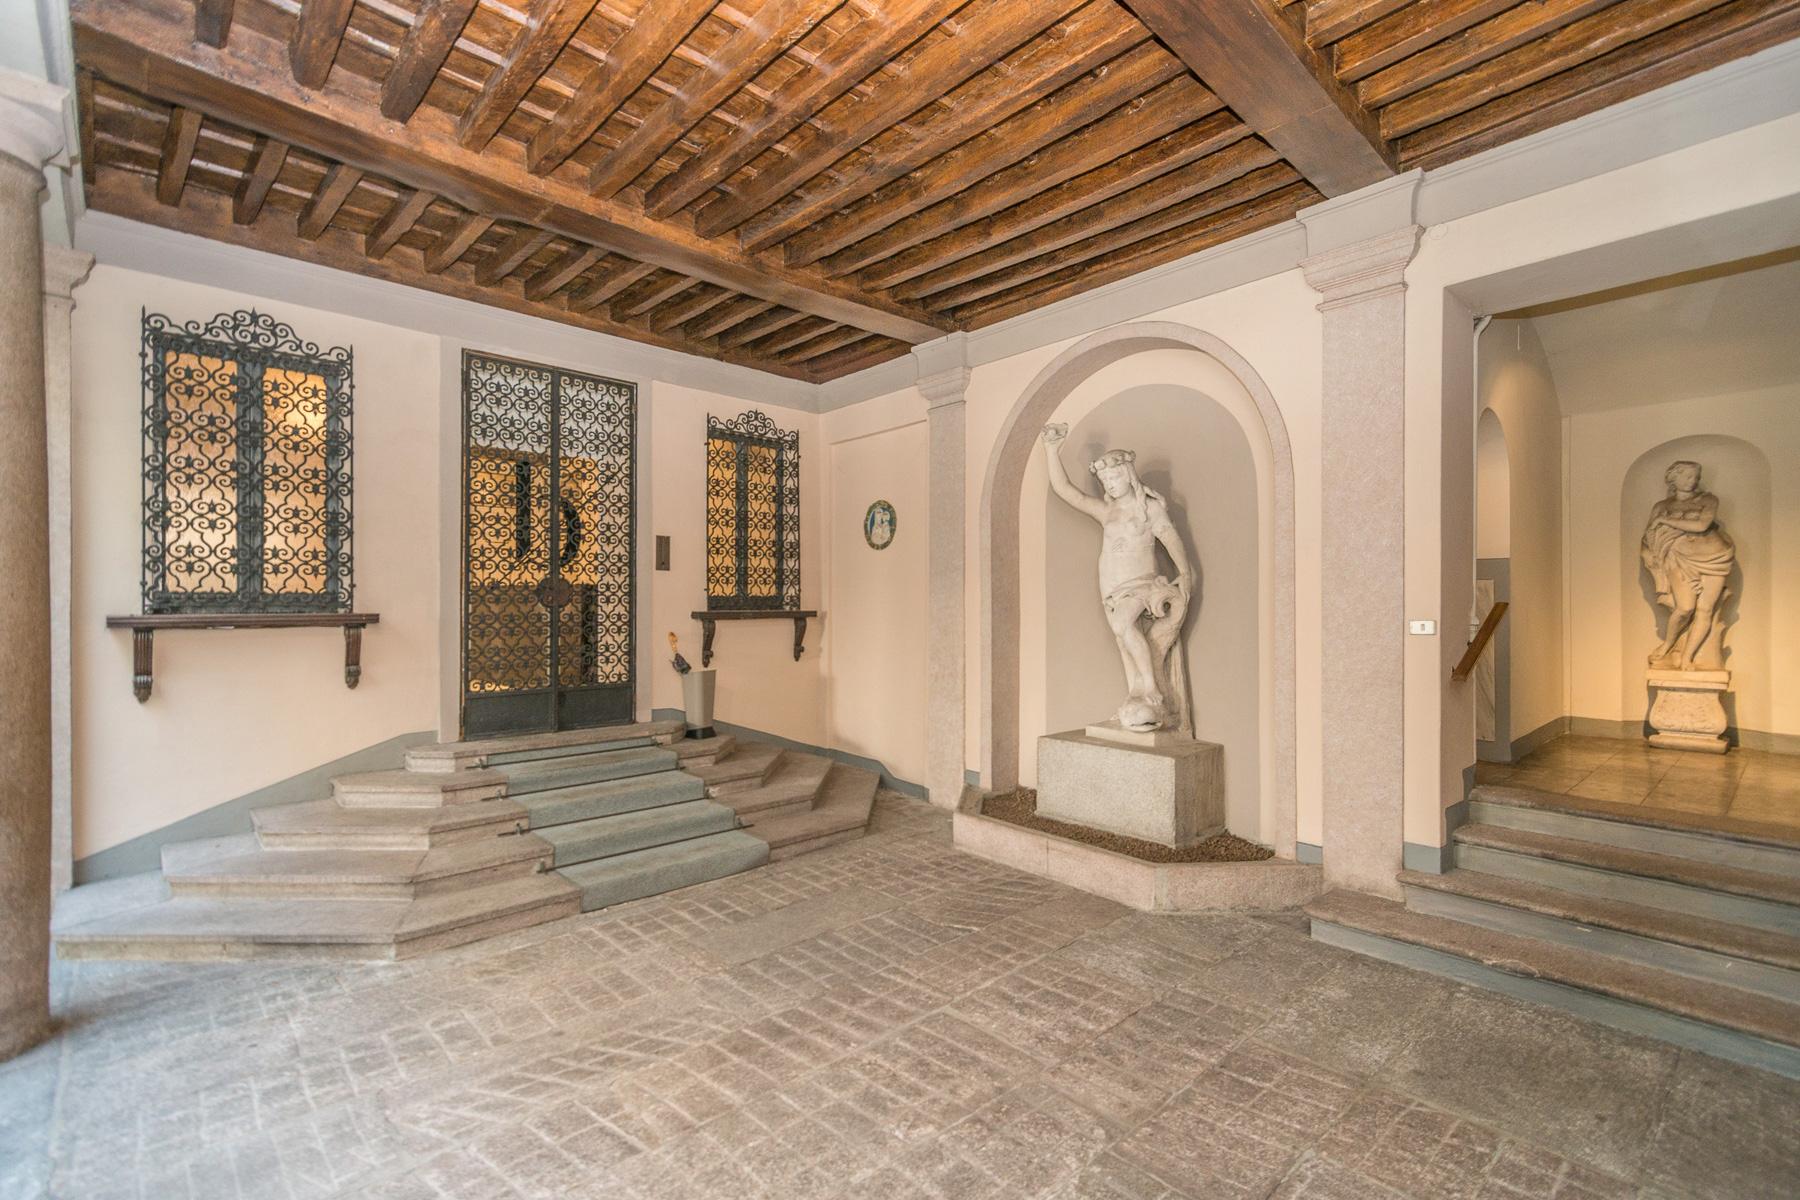 Appartamento in Vendita a Milano 01 Centro storico (Cerchia dei Navigli): 2 locali, 71 mq